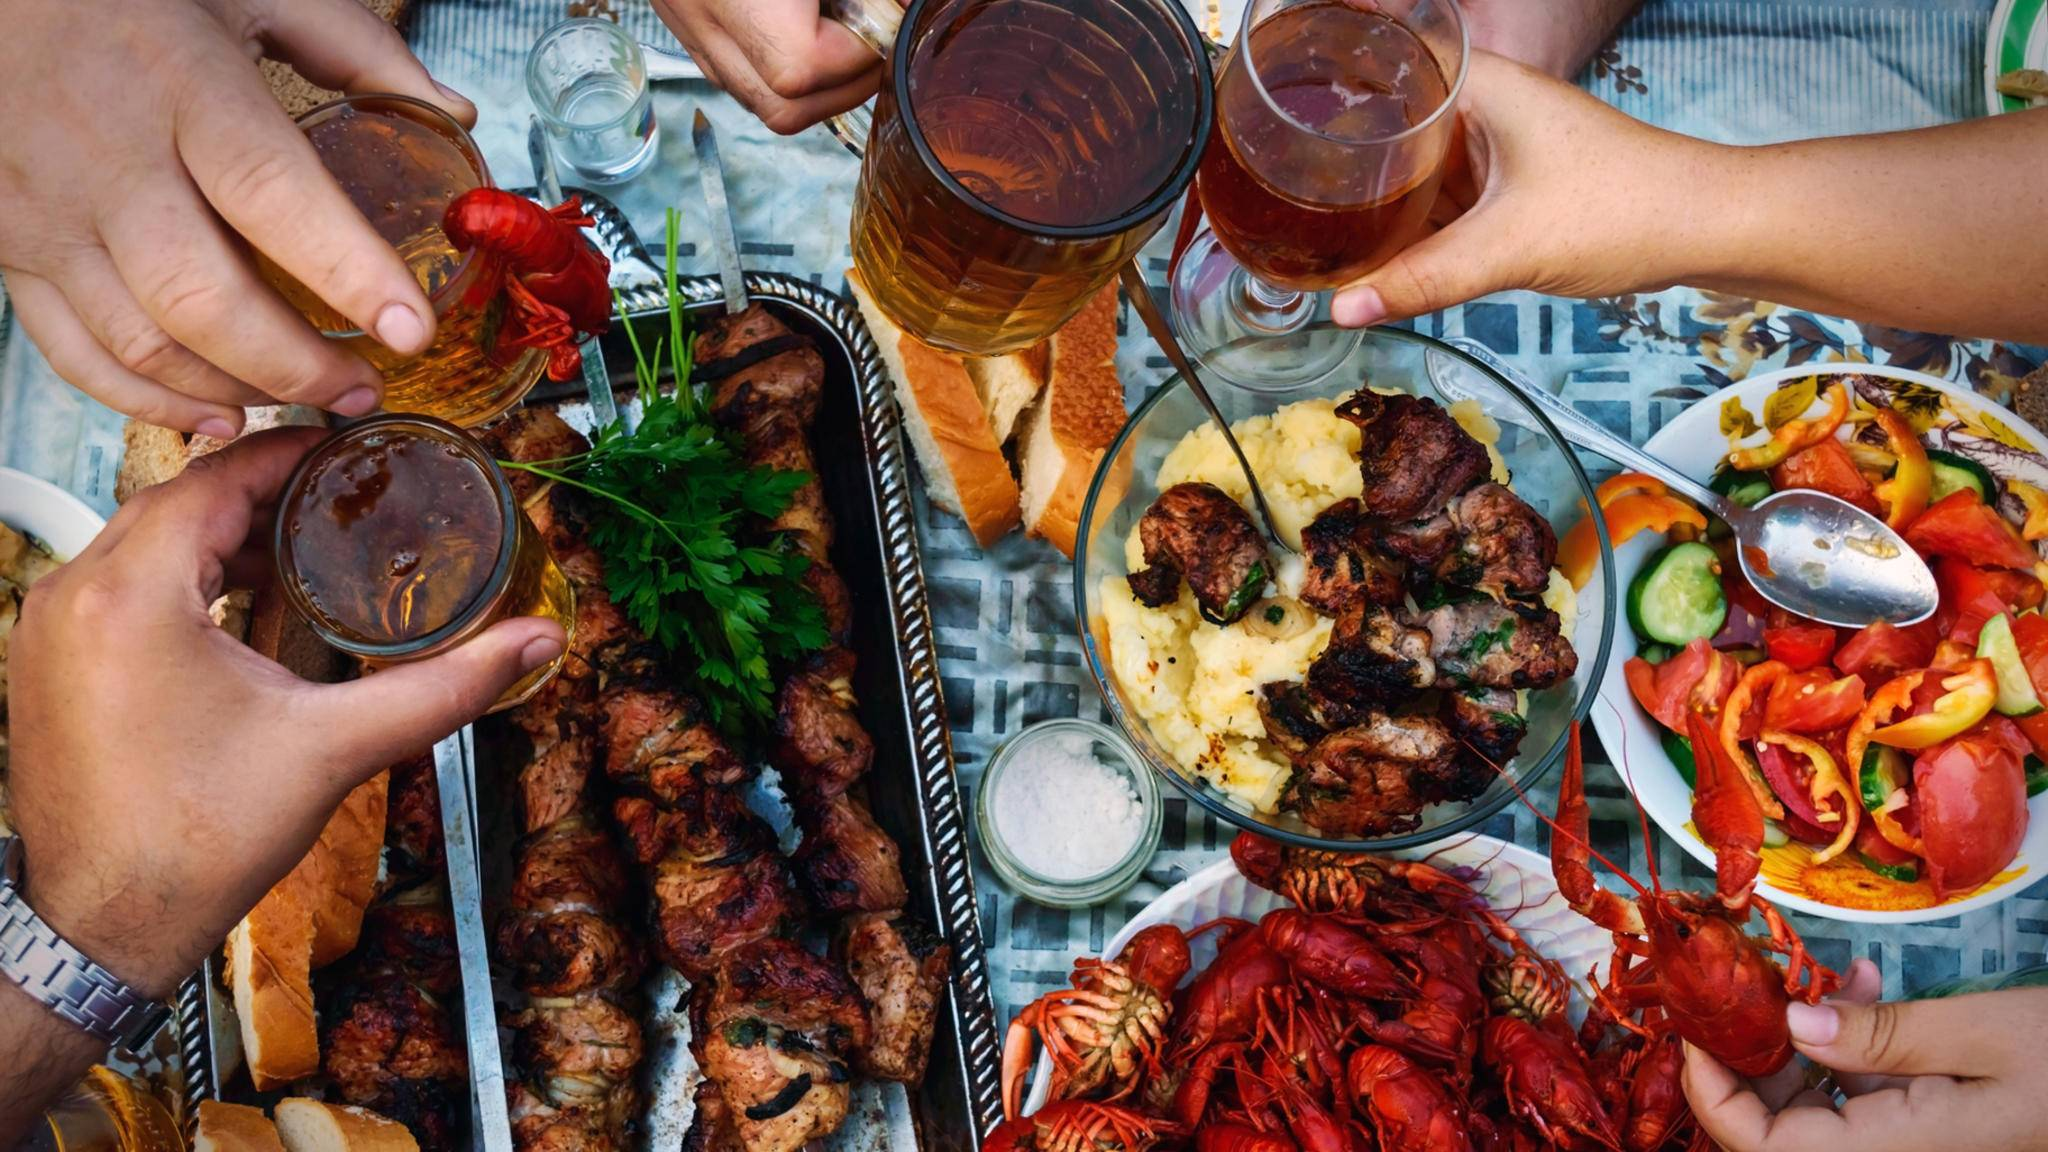 Beim ungezwungenen Essen bei Einheimischen lernt man ein Land am besten kennen.